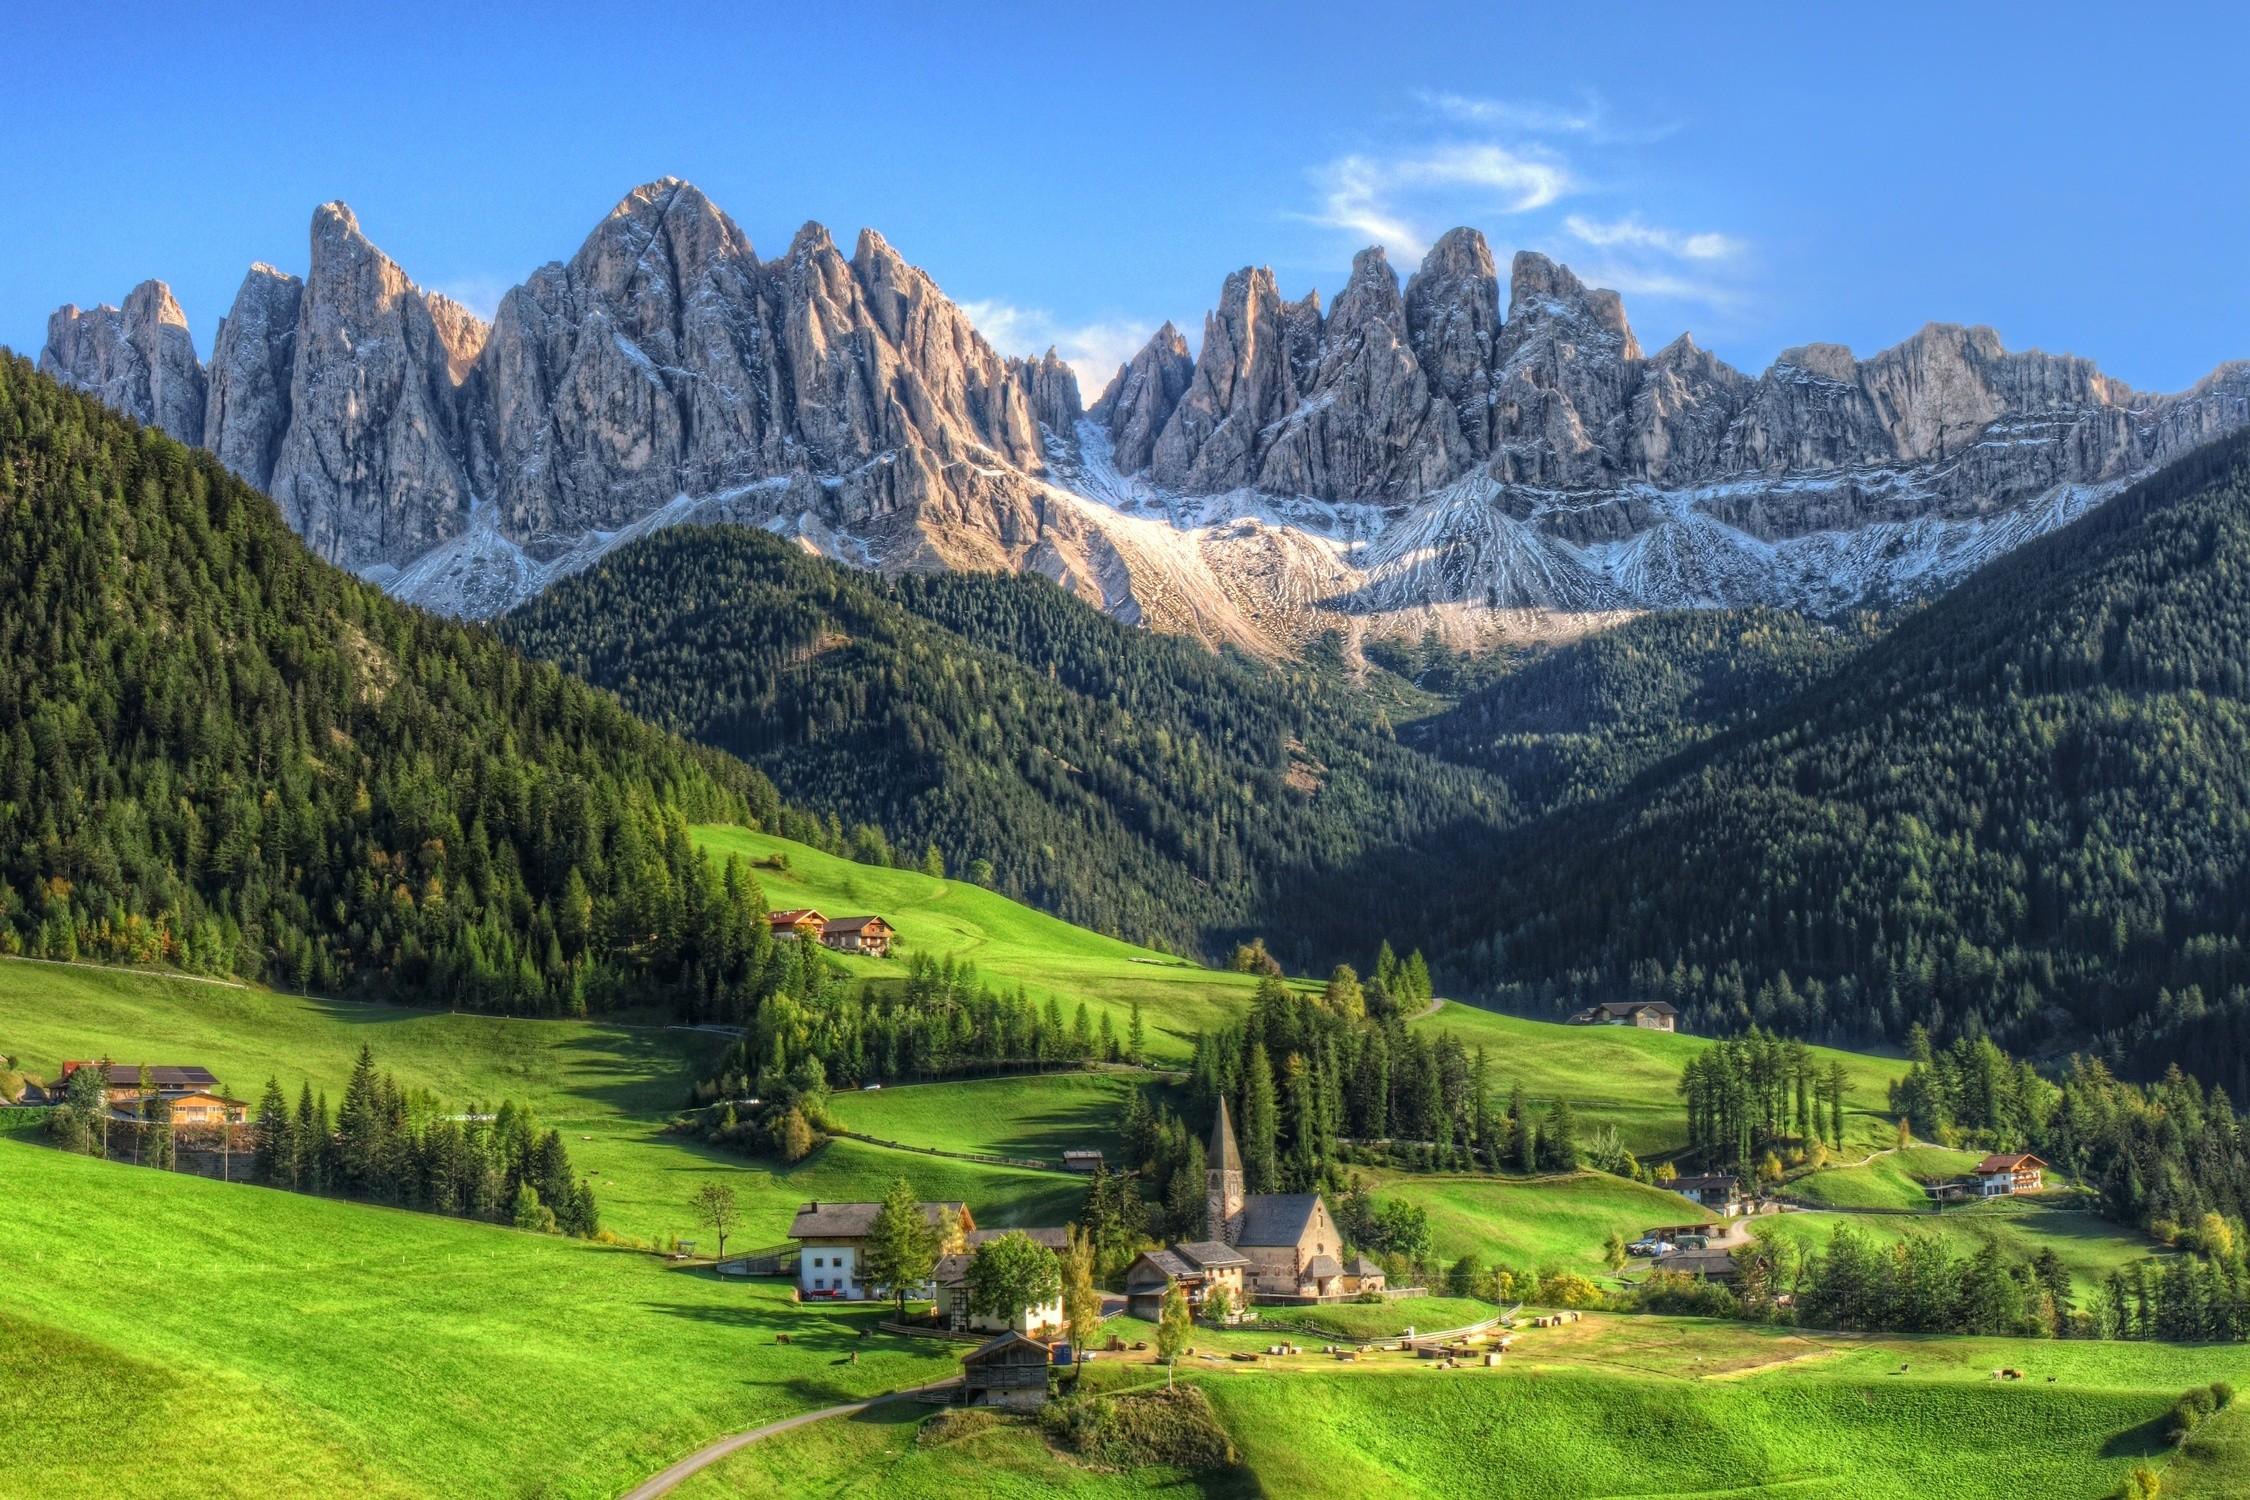 Sfondi  paesaggio foresta montagne natura erba verde